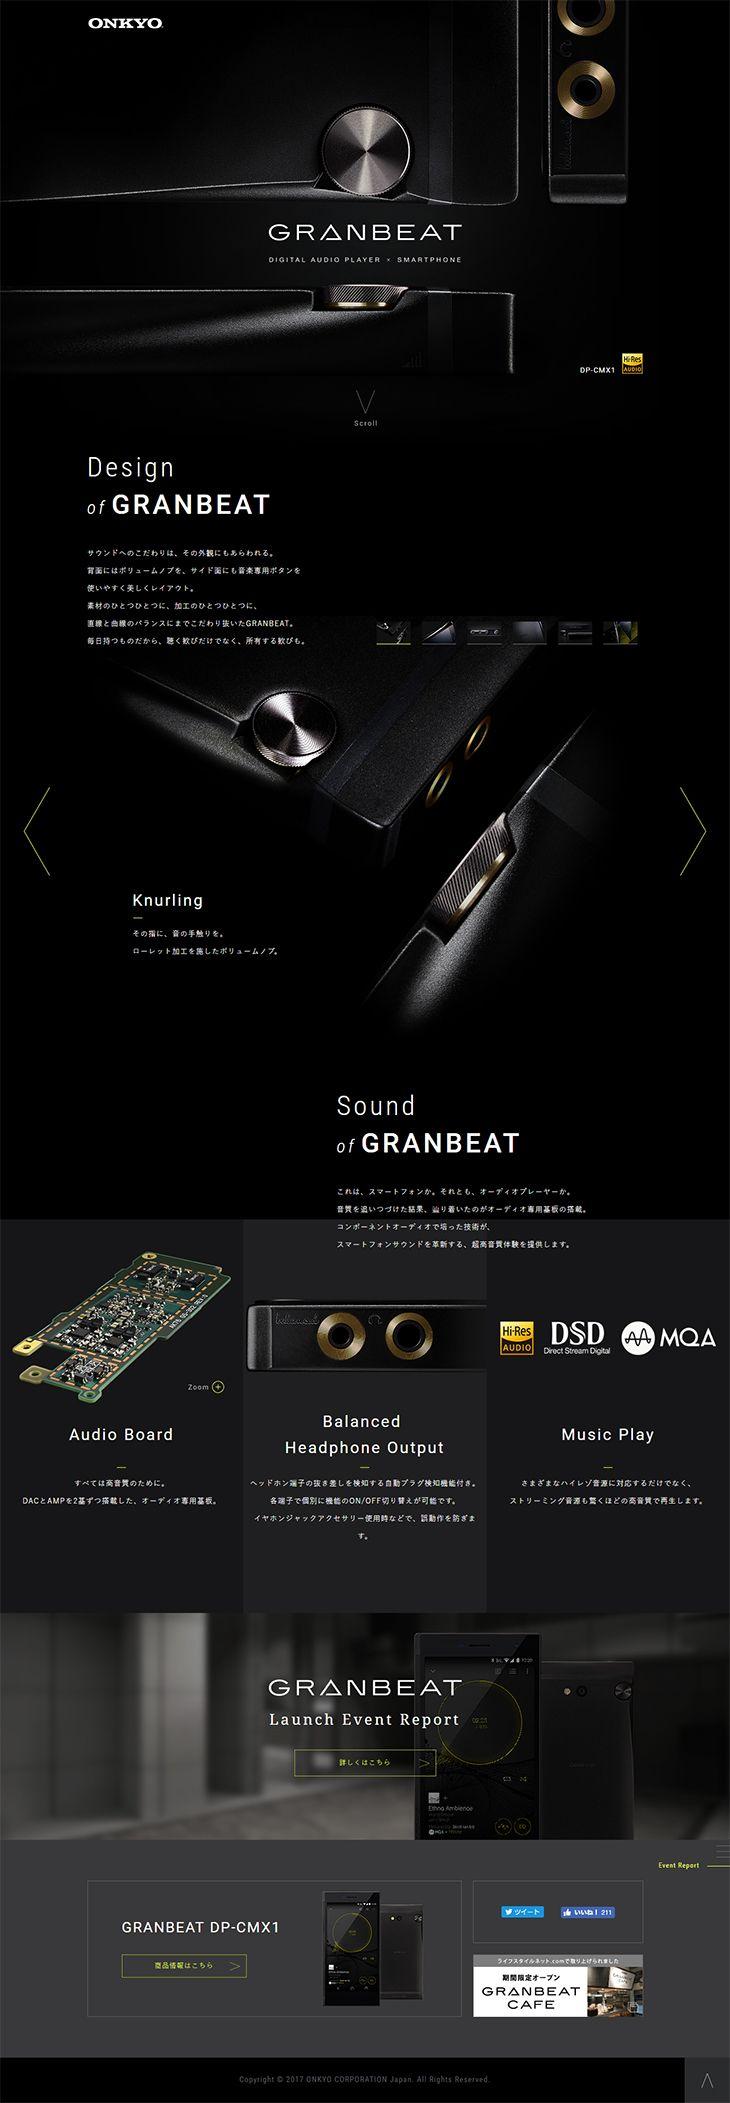 GRANBEAT DP-CMX1【家電・パソコン・通信関連】のLPデザイン。WEBデザイナーさん必見!ランディングページのデザイン参考に(かっこいい系)